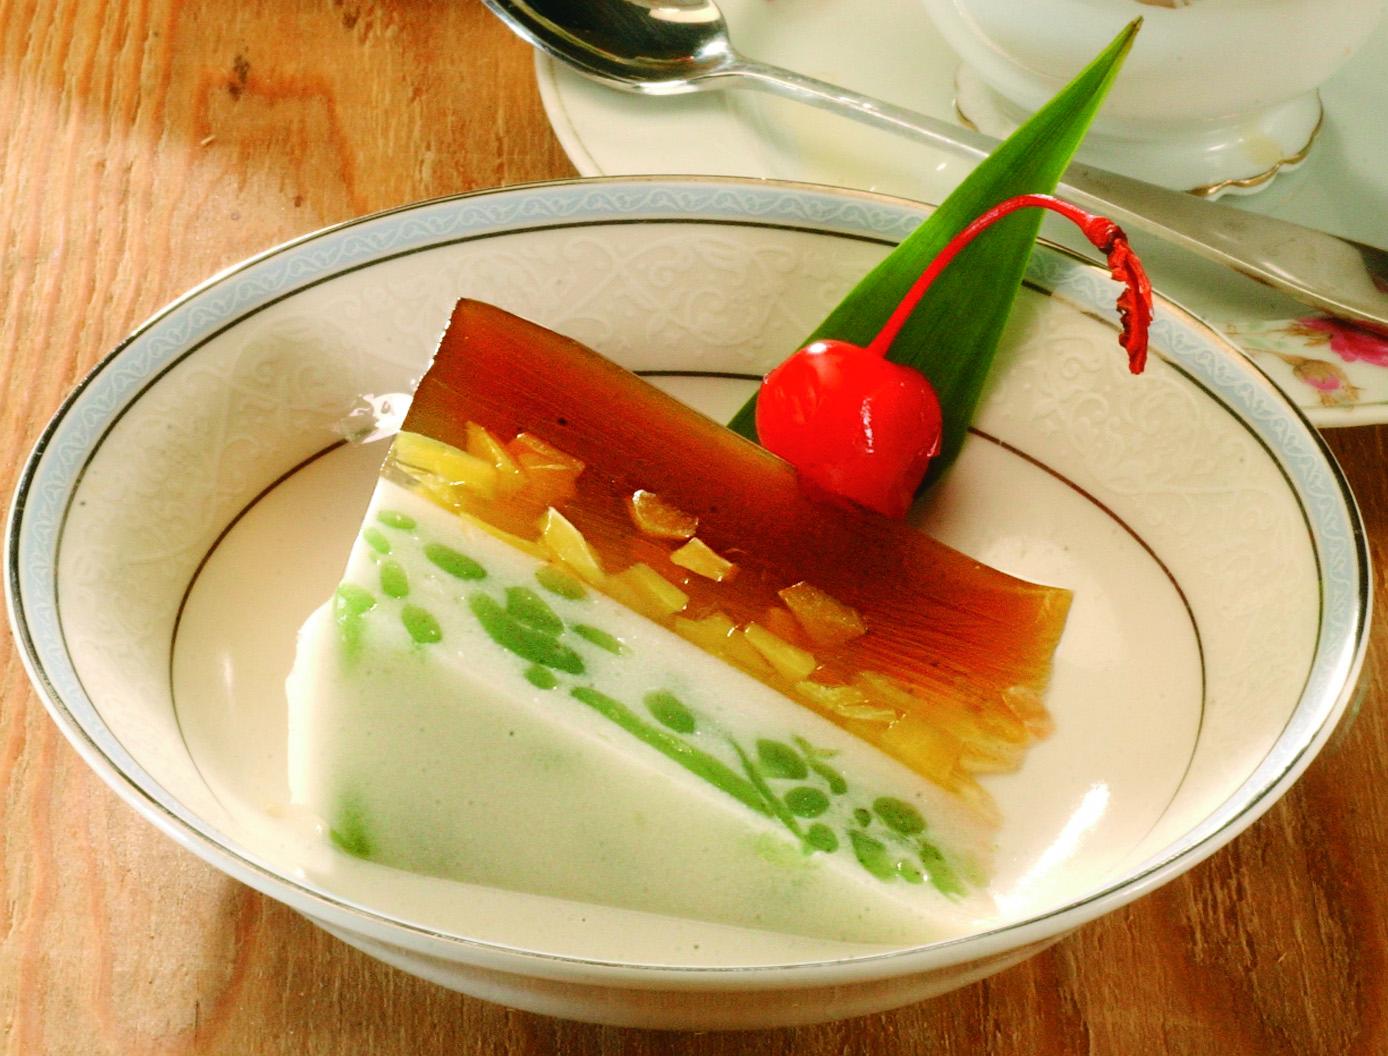 , Resep Sehat menyajikan beberapa menu pilihan untuk sahur dan